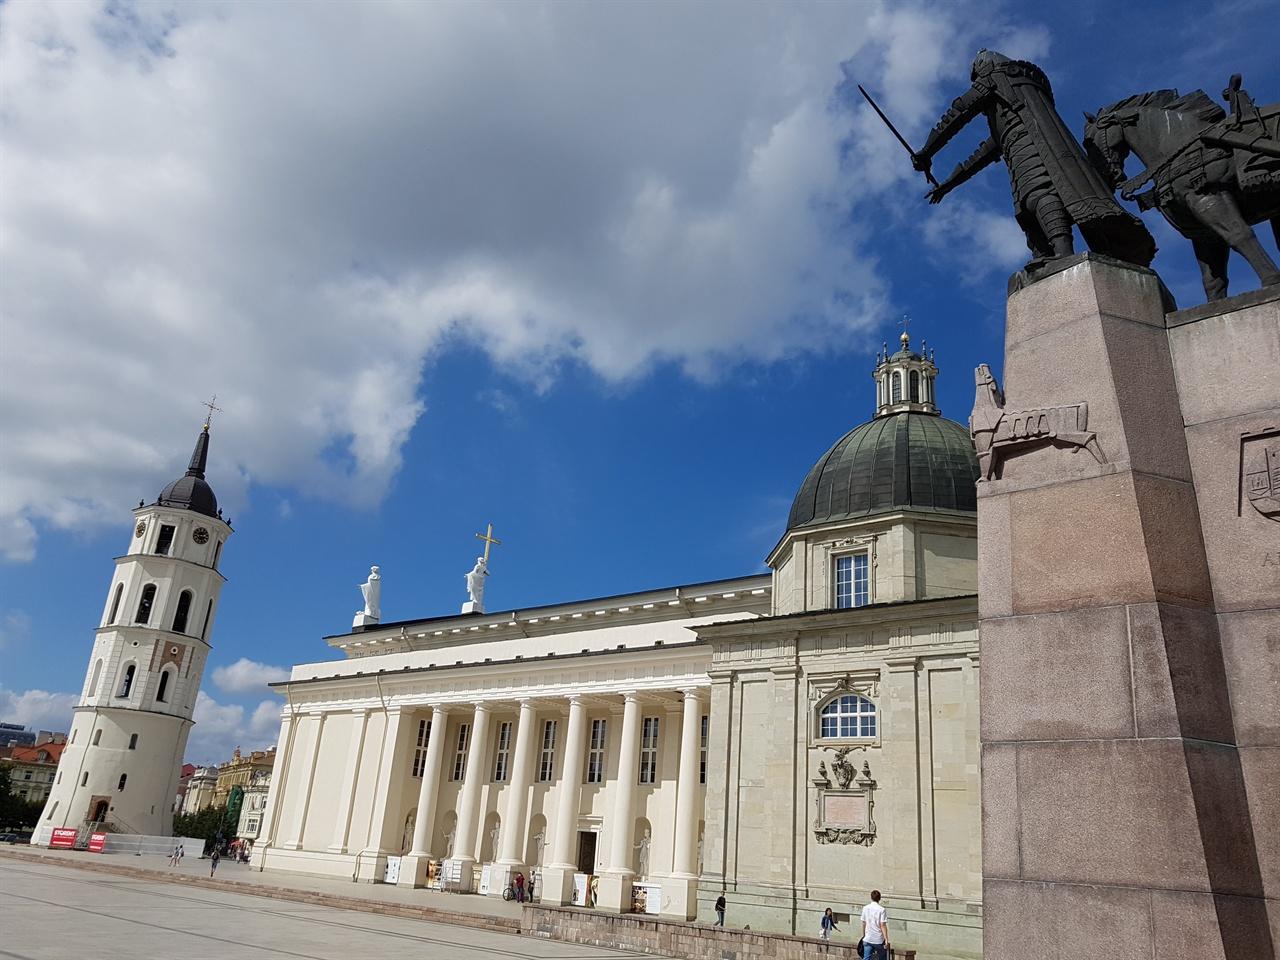 빌뉴스 대성당 성당 광장은 dlsrkstktmf '발트의 길(Baltic way)' 시작점이다.